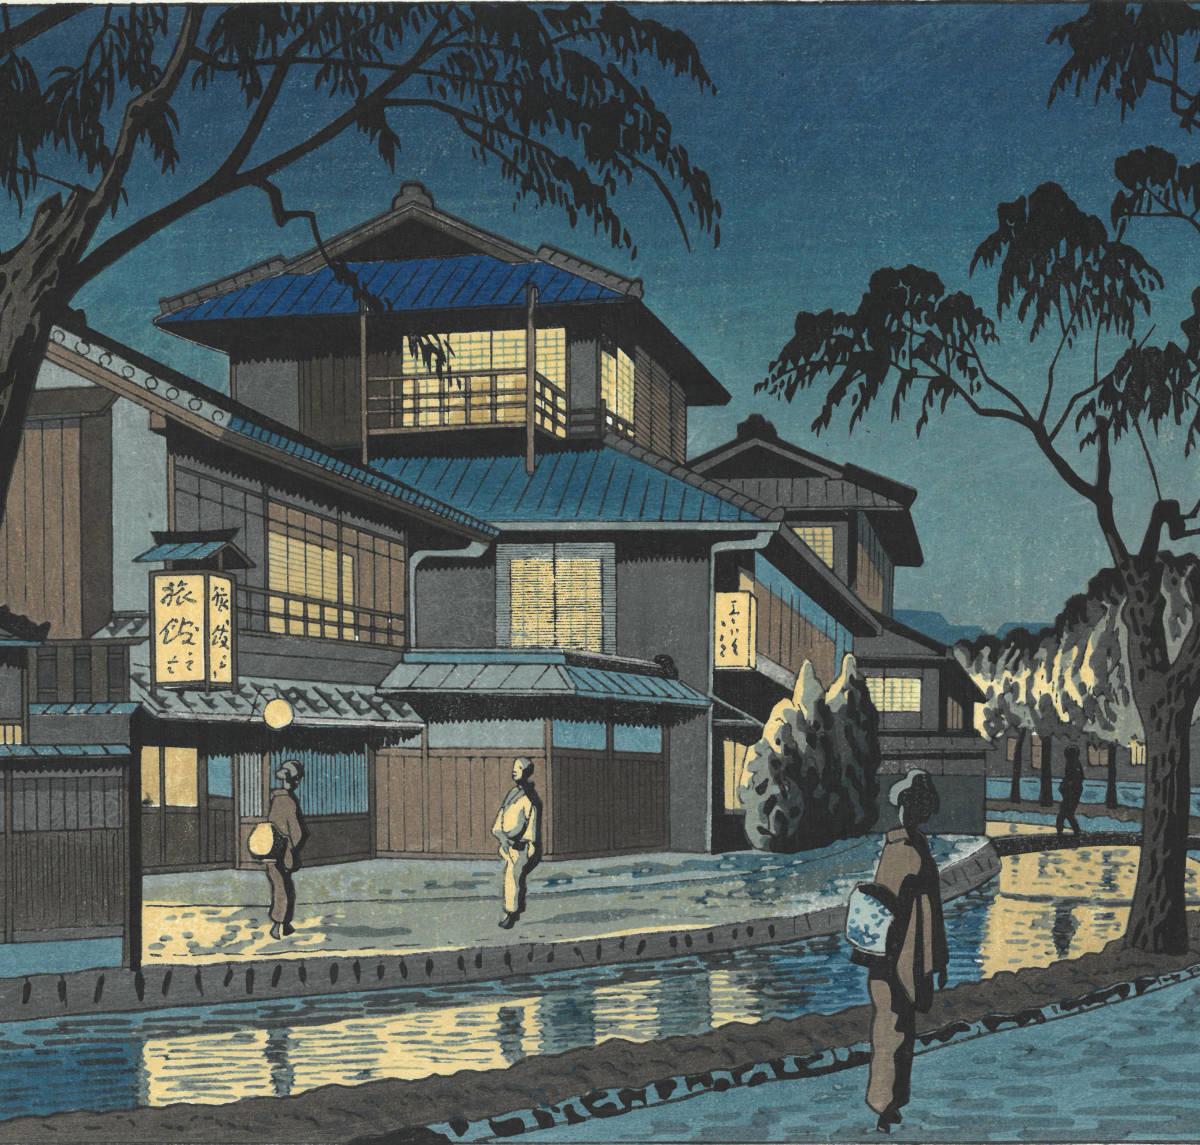 浅野竹二 (Asano Takeji) 木版画 TA18 木屋町 新版画 初版昭和20年頃 京都の一流の摺師の技をご堪能下さい!!_画像7